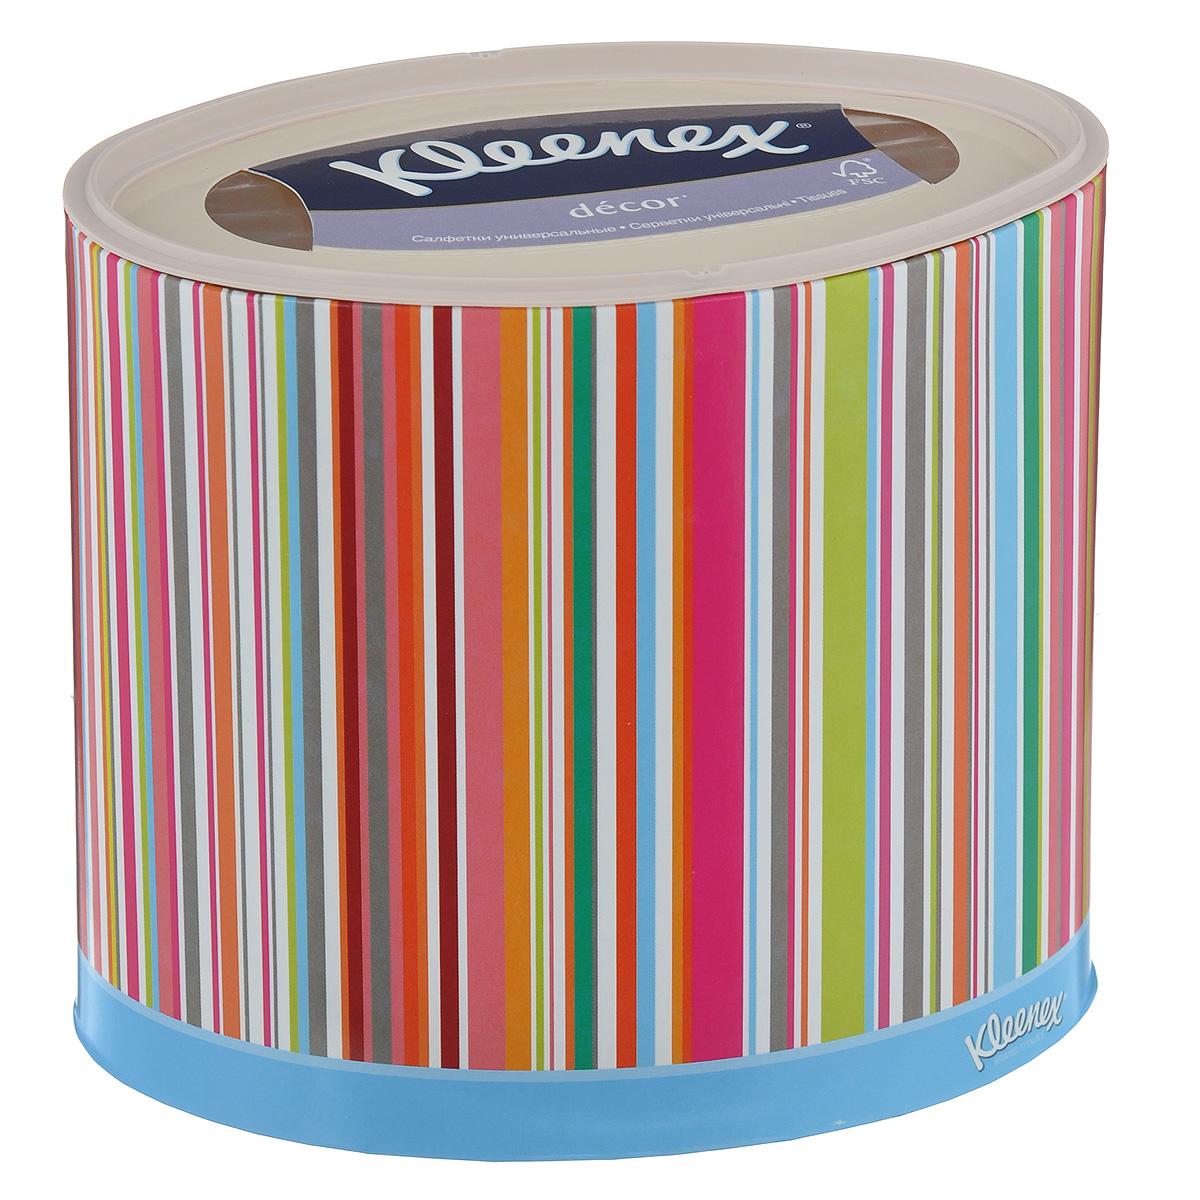 Салфетки универсальные Kleenex Decor, трехслойные, 21 см х 20 см, 64 шт (упаковка полоска)531-105Трехслойные, мягкие, гигиенические салфетки Kleenex Decor изготовлены из высококачественного, экологически чистого сырья - 100% целлюлозы. Салфетки обладают большой впитывающей способностью. Не вызывают аллергию, не раздражают чувствительную кожу. Благодаря уникальной мягкости, салфетки заботятся о вашей коже во время простуды. Просты и удобны в использовании. Применяются дома и в офисе, на работе и отдыхе. Для хранения салфеток предусмотрена специальная коробочка. Новый и уникальный формат салфеток на российском рынке - овал! Красивый и модный дизайн упаковки, соответствующий последним трендам в дизайне интерьера. Настоящий премиум продукт по форме и содержанию. Товар сертифицирован. Комплектация: 64 шт. Размер салфетки: 21 см х 20 см.